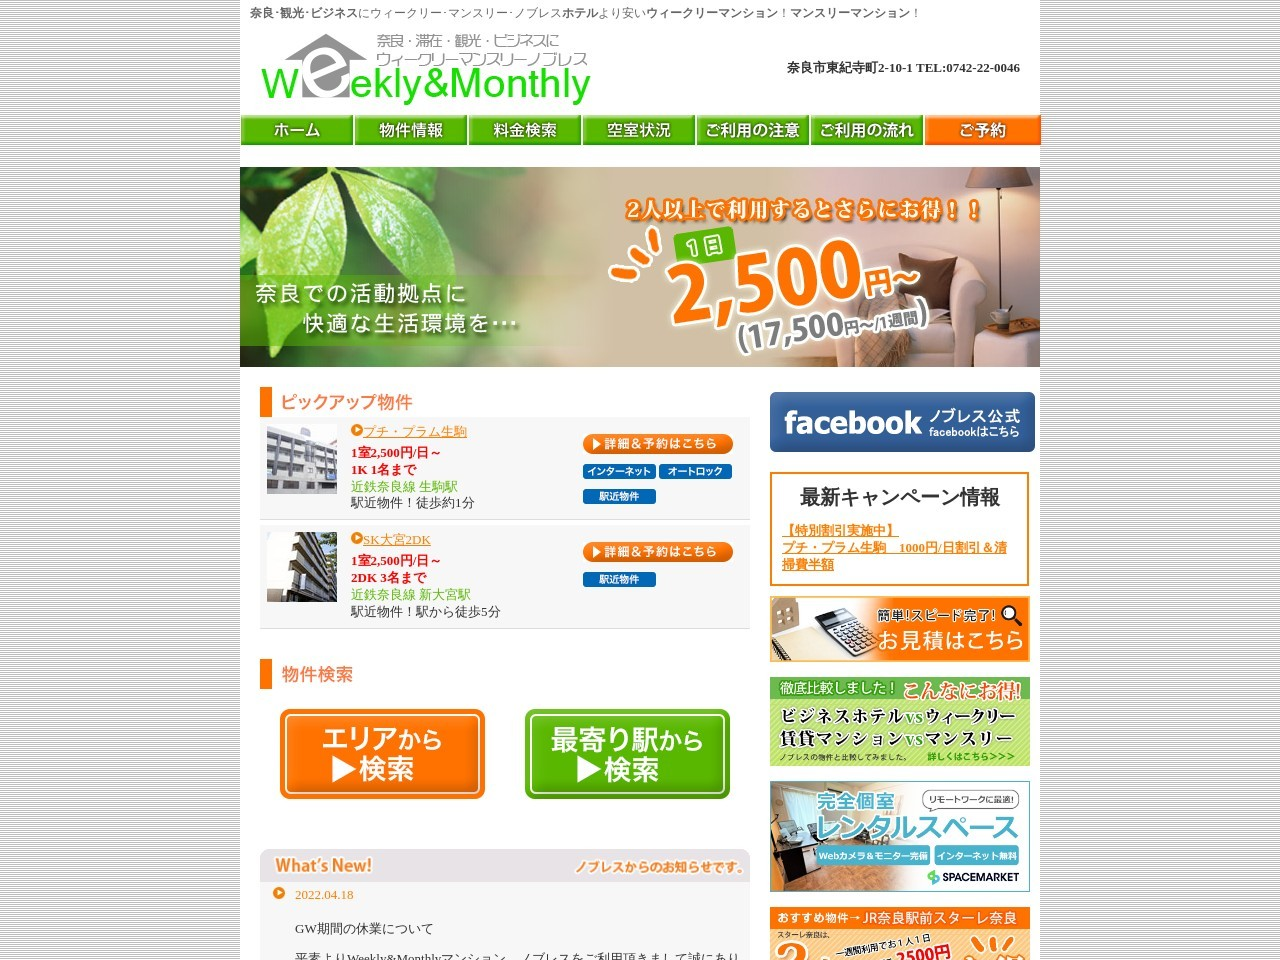 奈良・観光・ビジネスにウィークリー・マンスリー・ノブレス